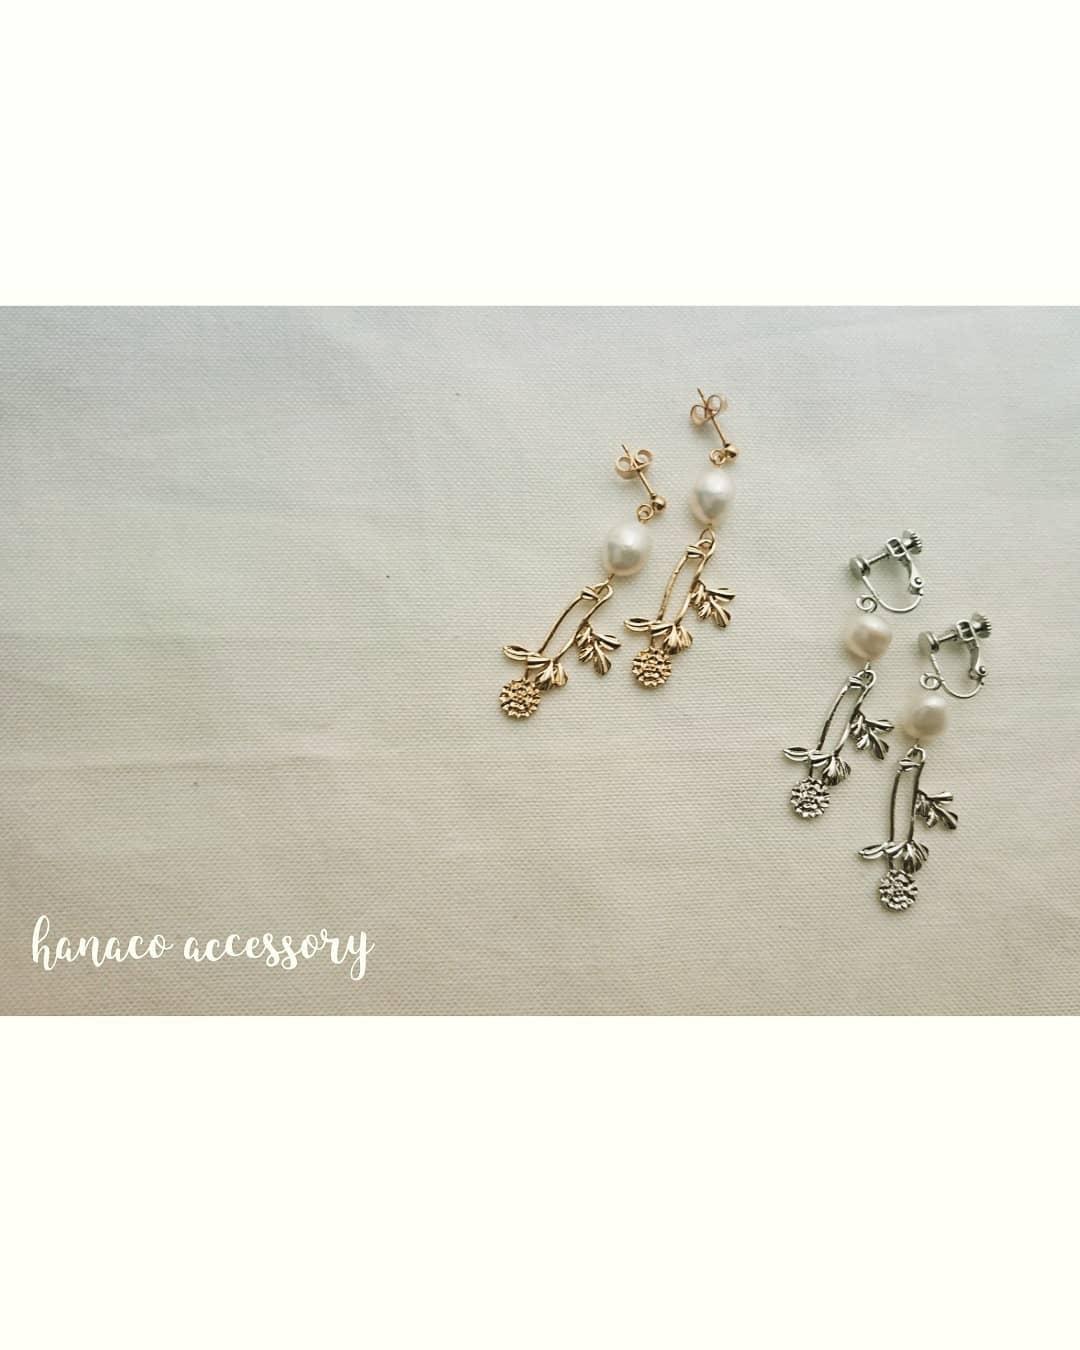 hanaco accessory